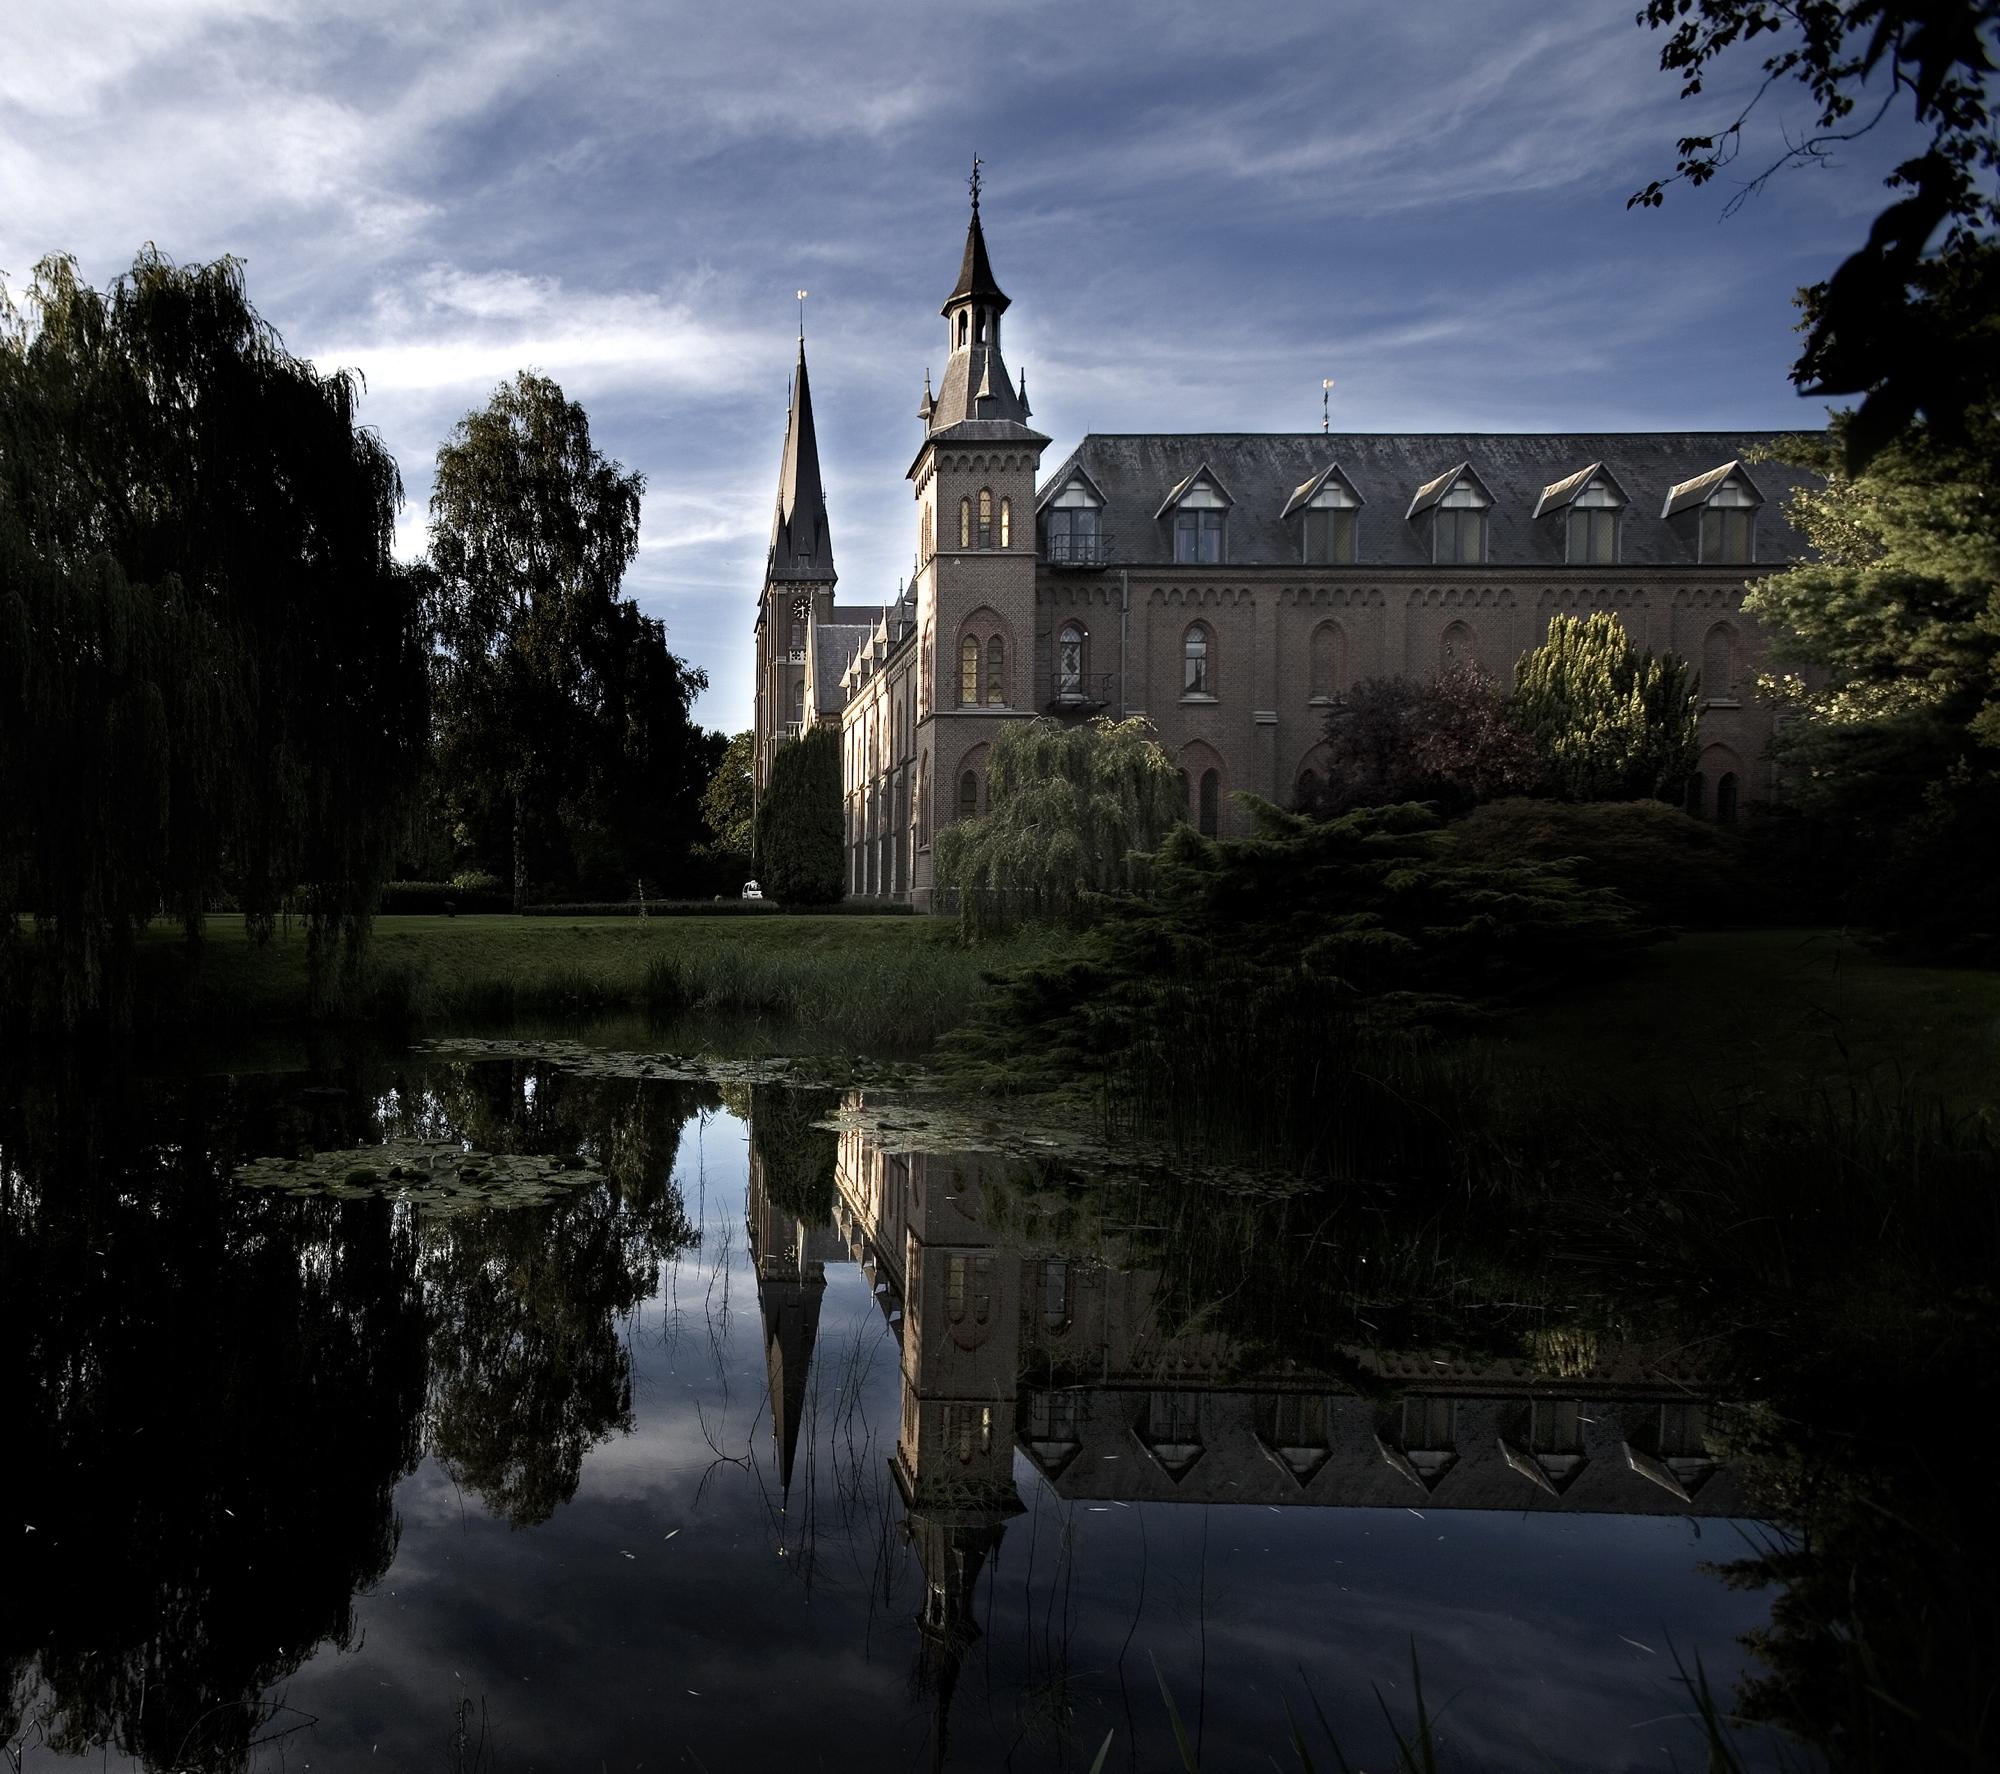 Abdij Onze Lieve Vrouw van Koningshoeven, yani bildiğiniz La Trappe Manastırı